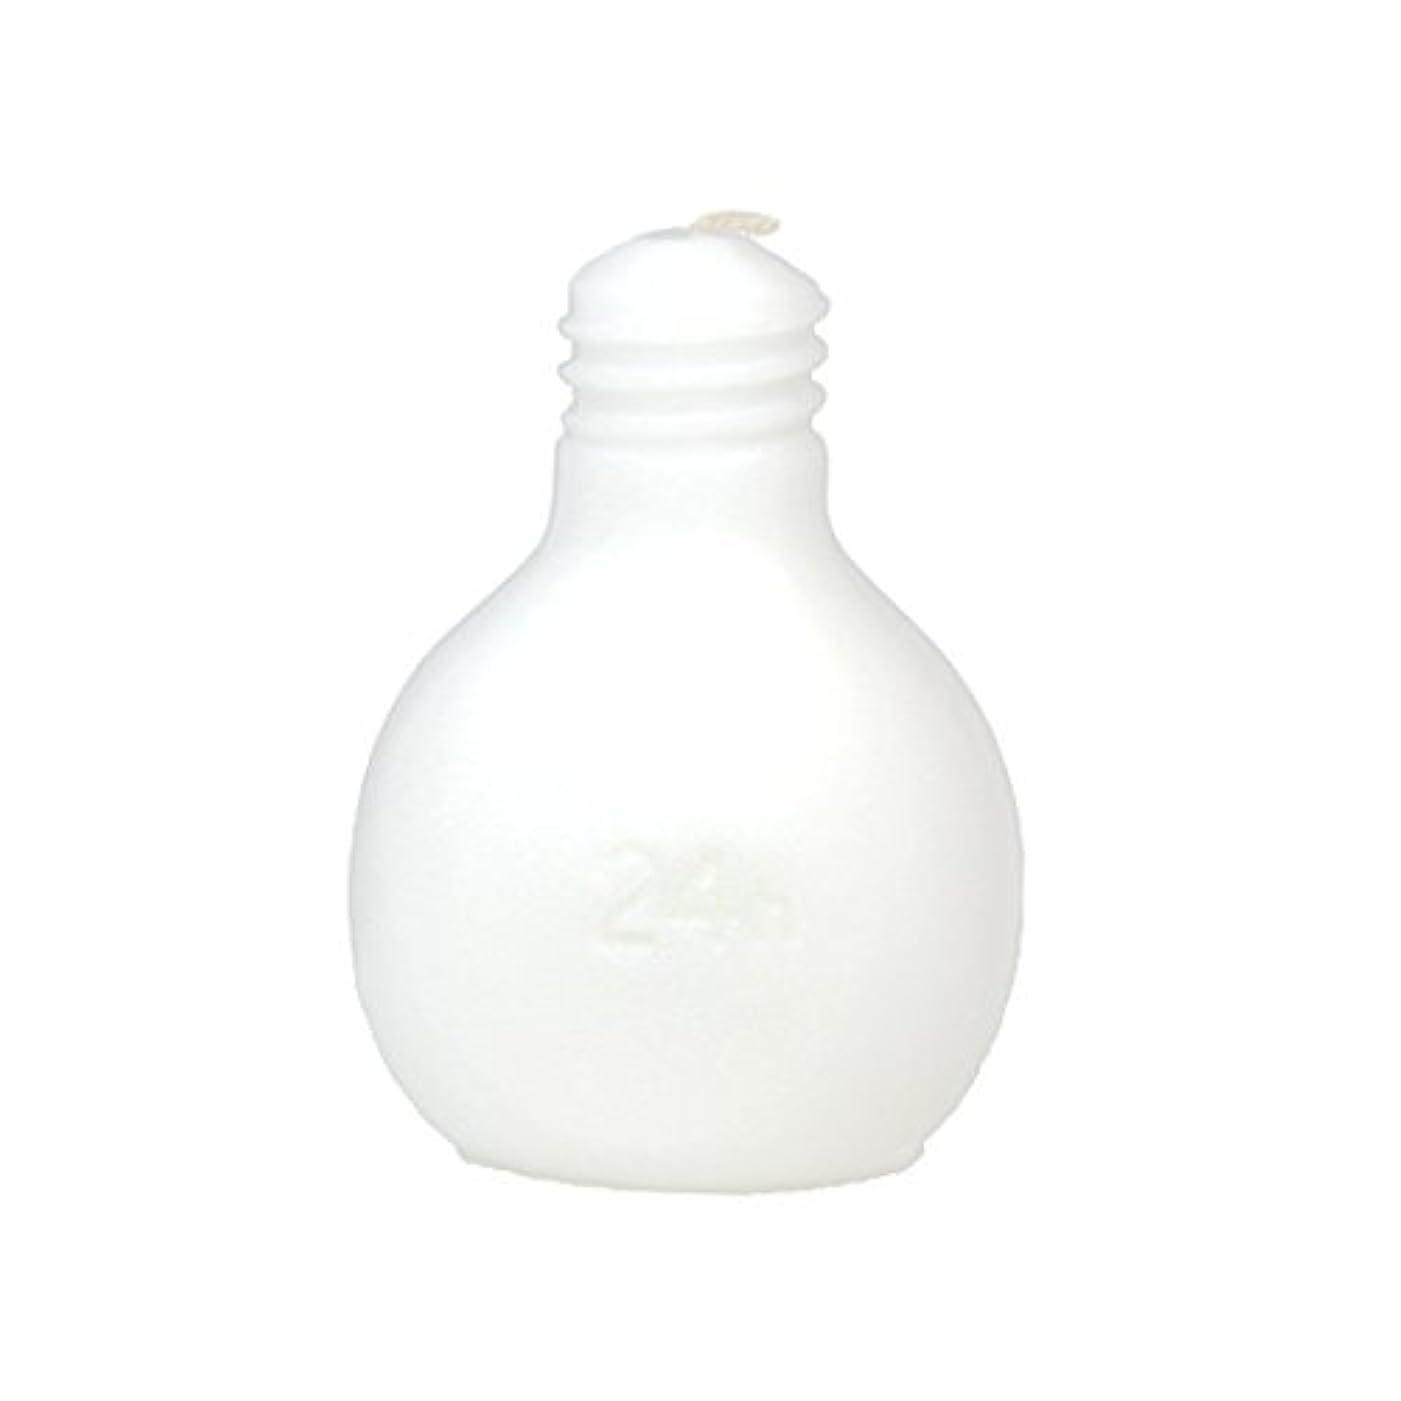 通常限定恵みカメヤマキャンドルハウス 節電球キャンドル  ホワイト